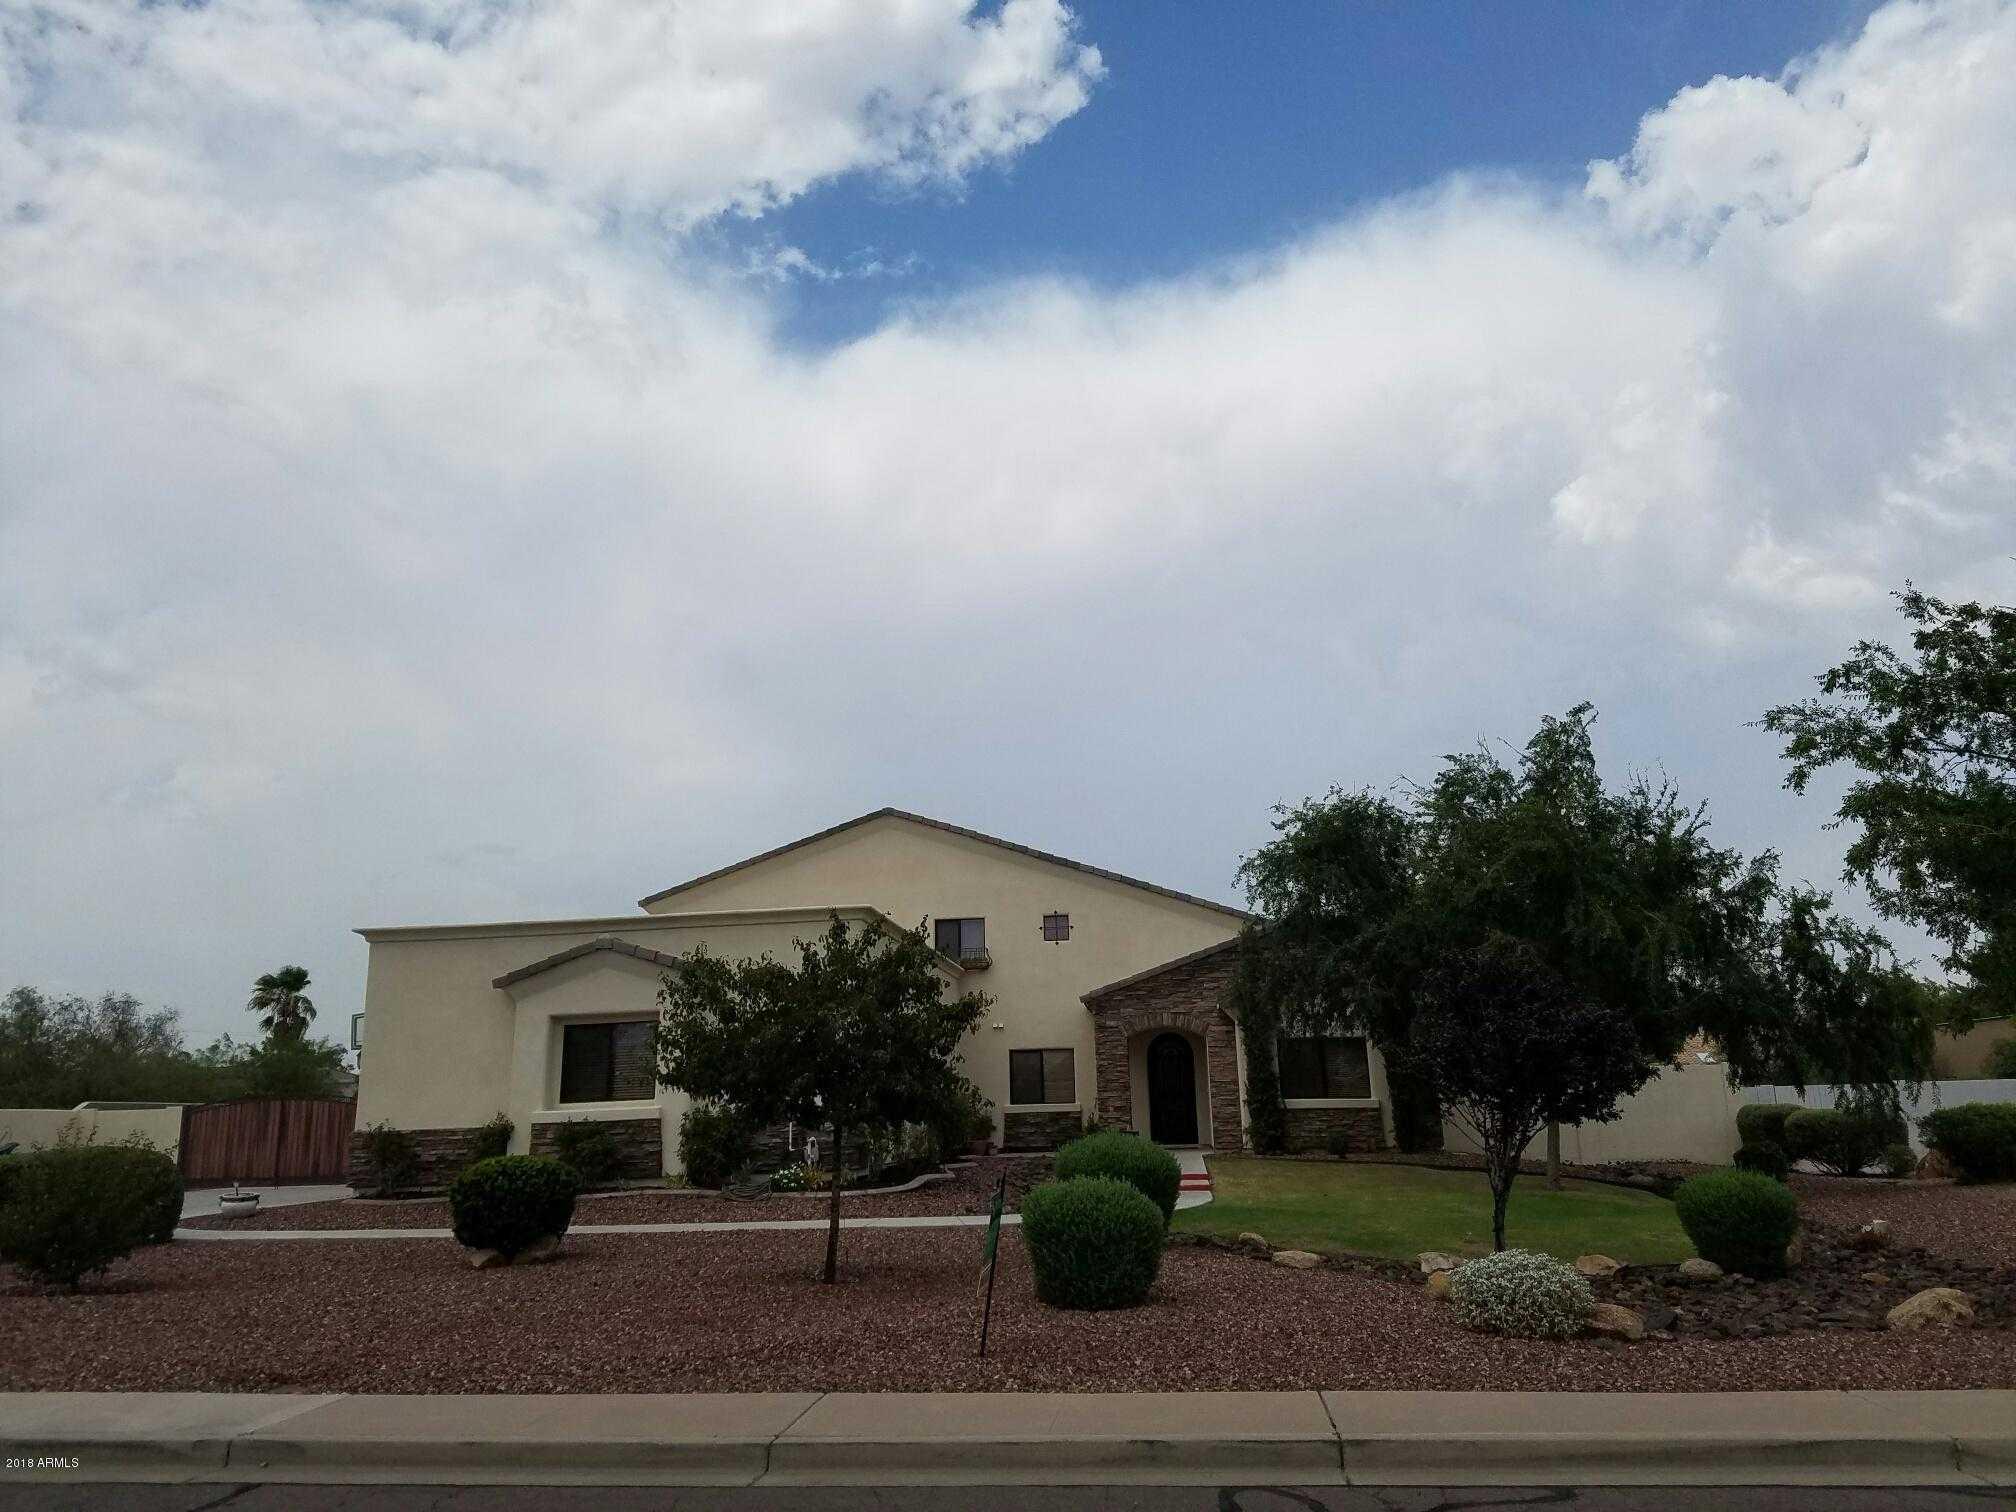 $625,000 - 5Br/5Ba - Home for Sale in Saddle Ranch Estates Unit 1, Glendale